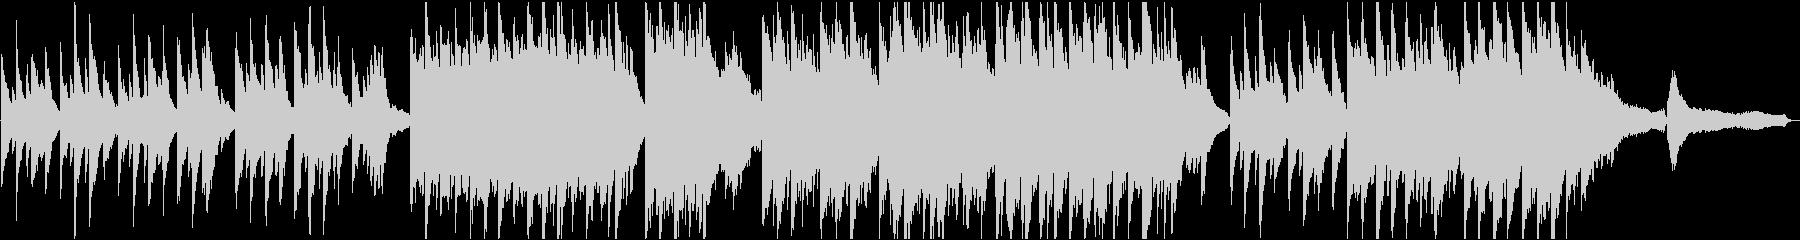 企業VP34 16bit48kHzVerの未再生の波形